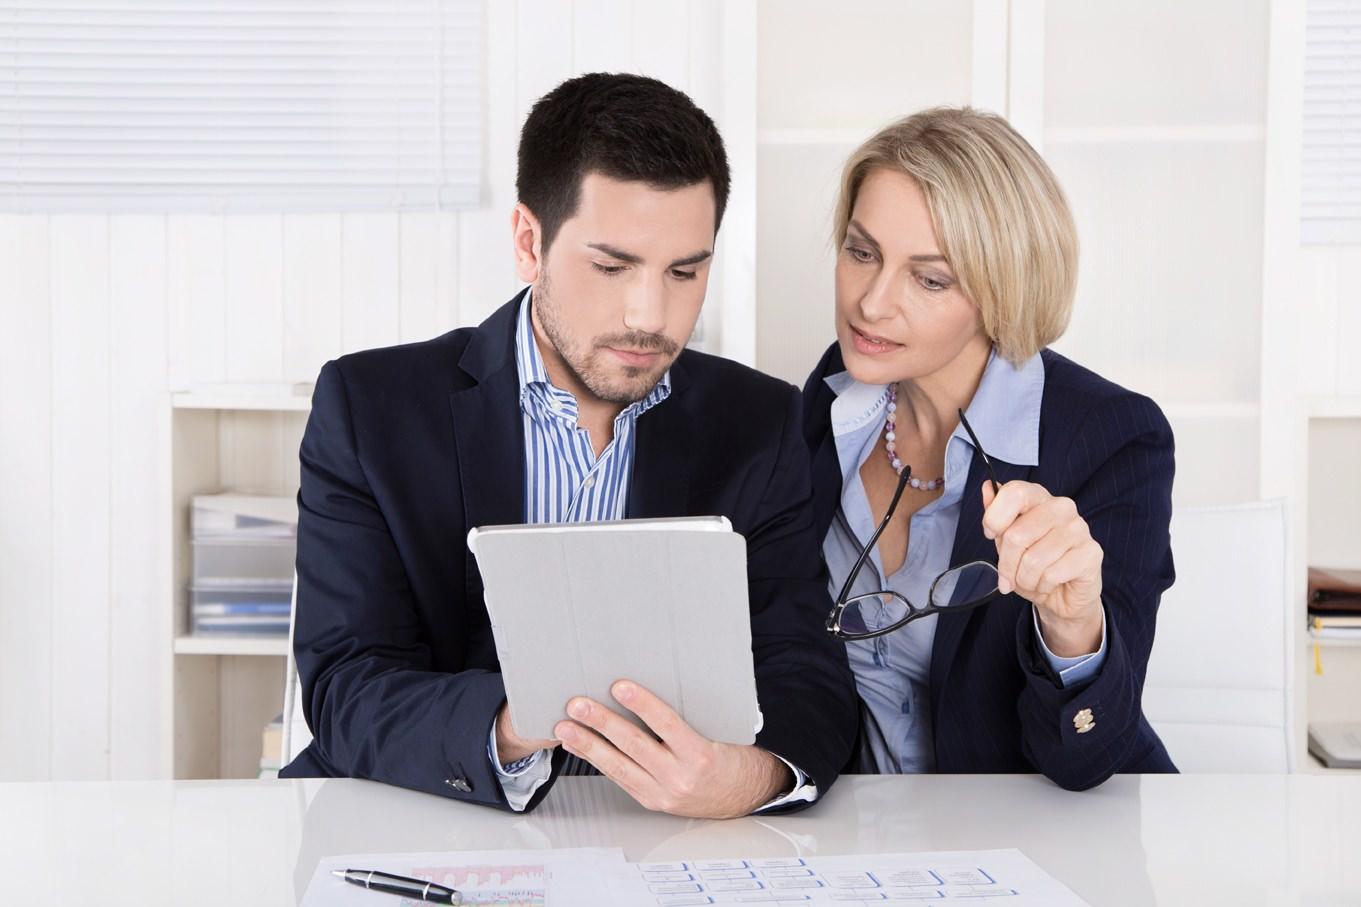 Consulenza finanziaria: la figura del CFO esterno